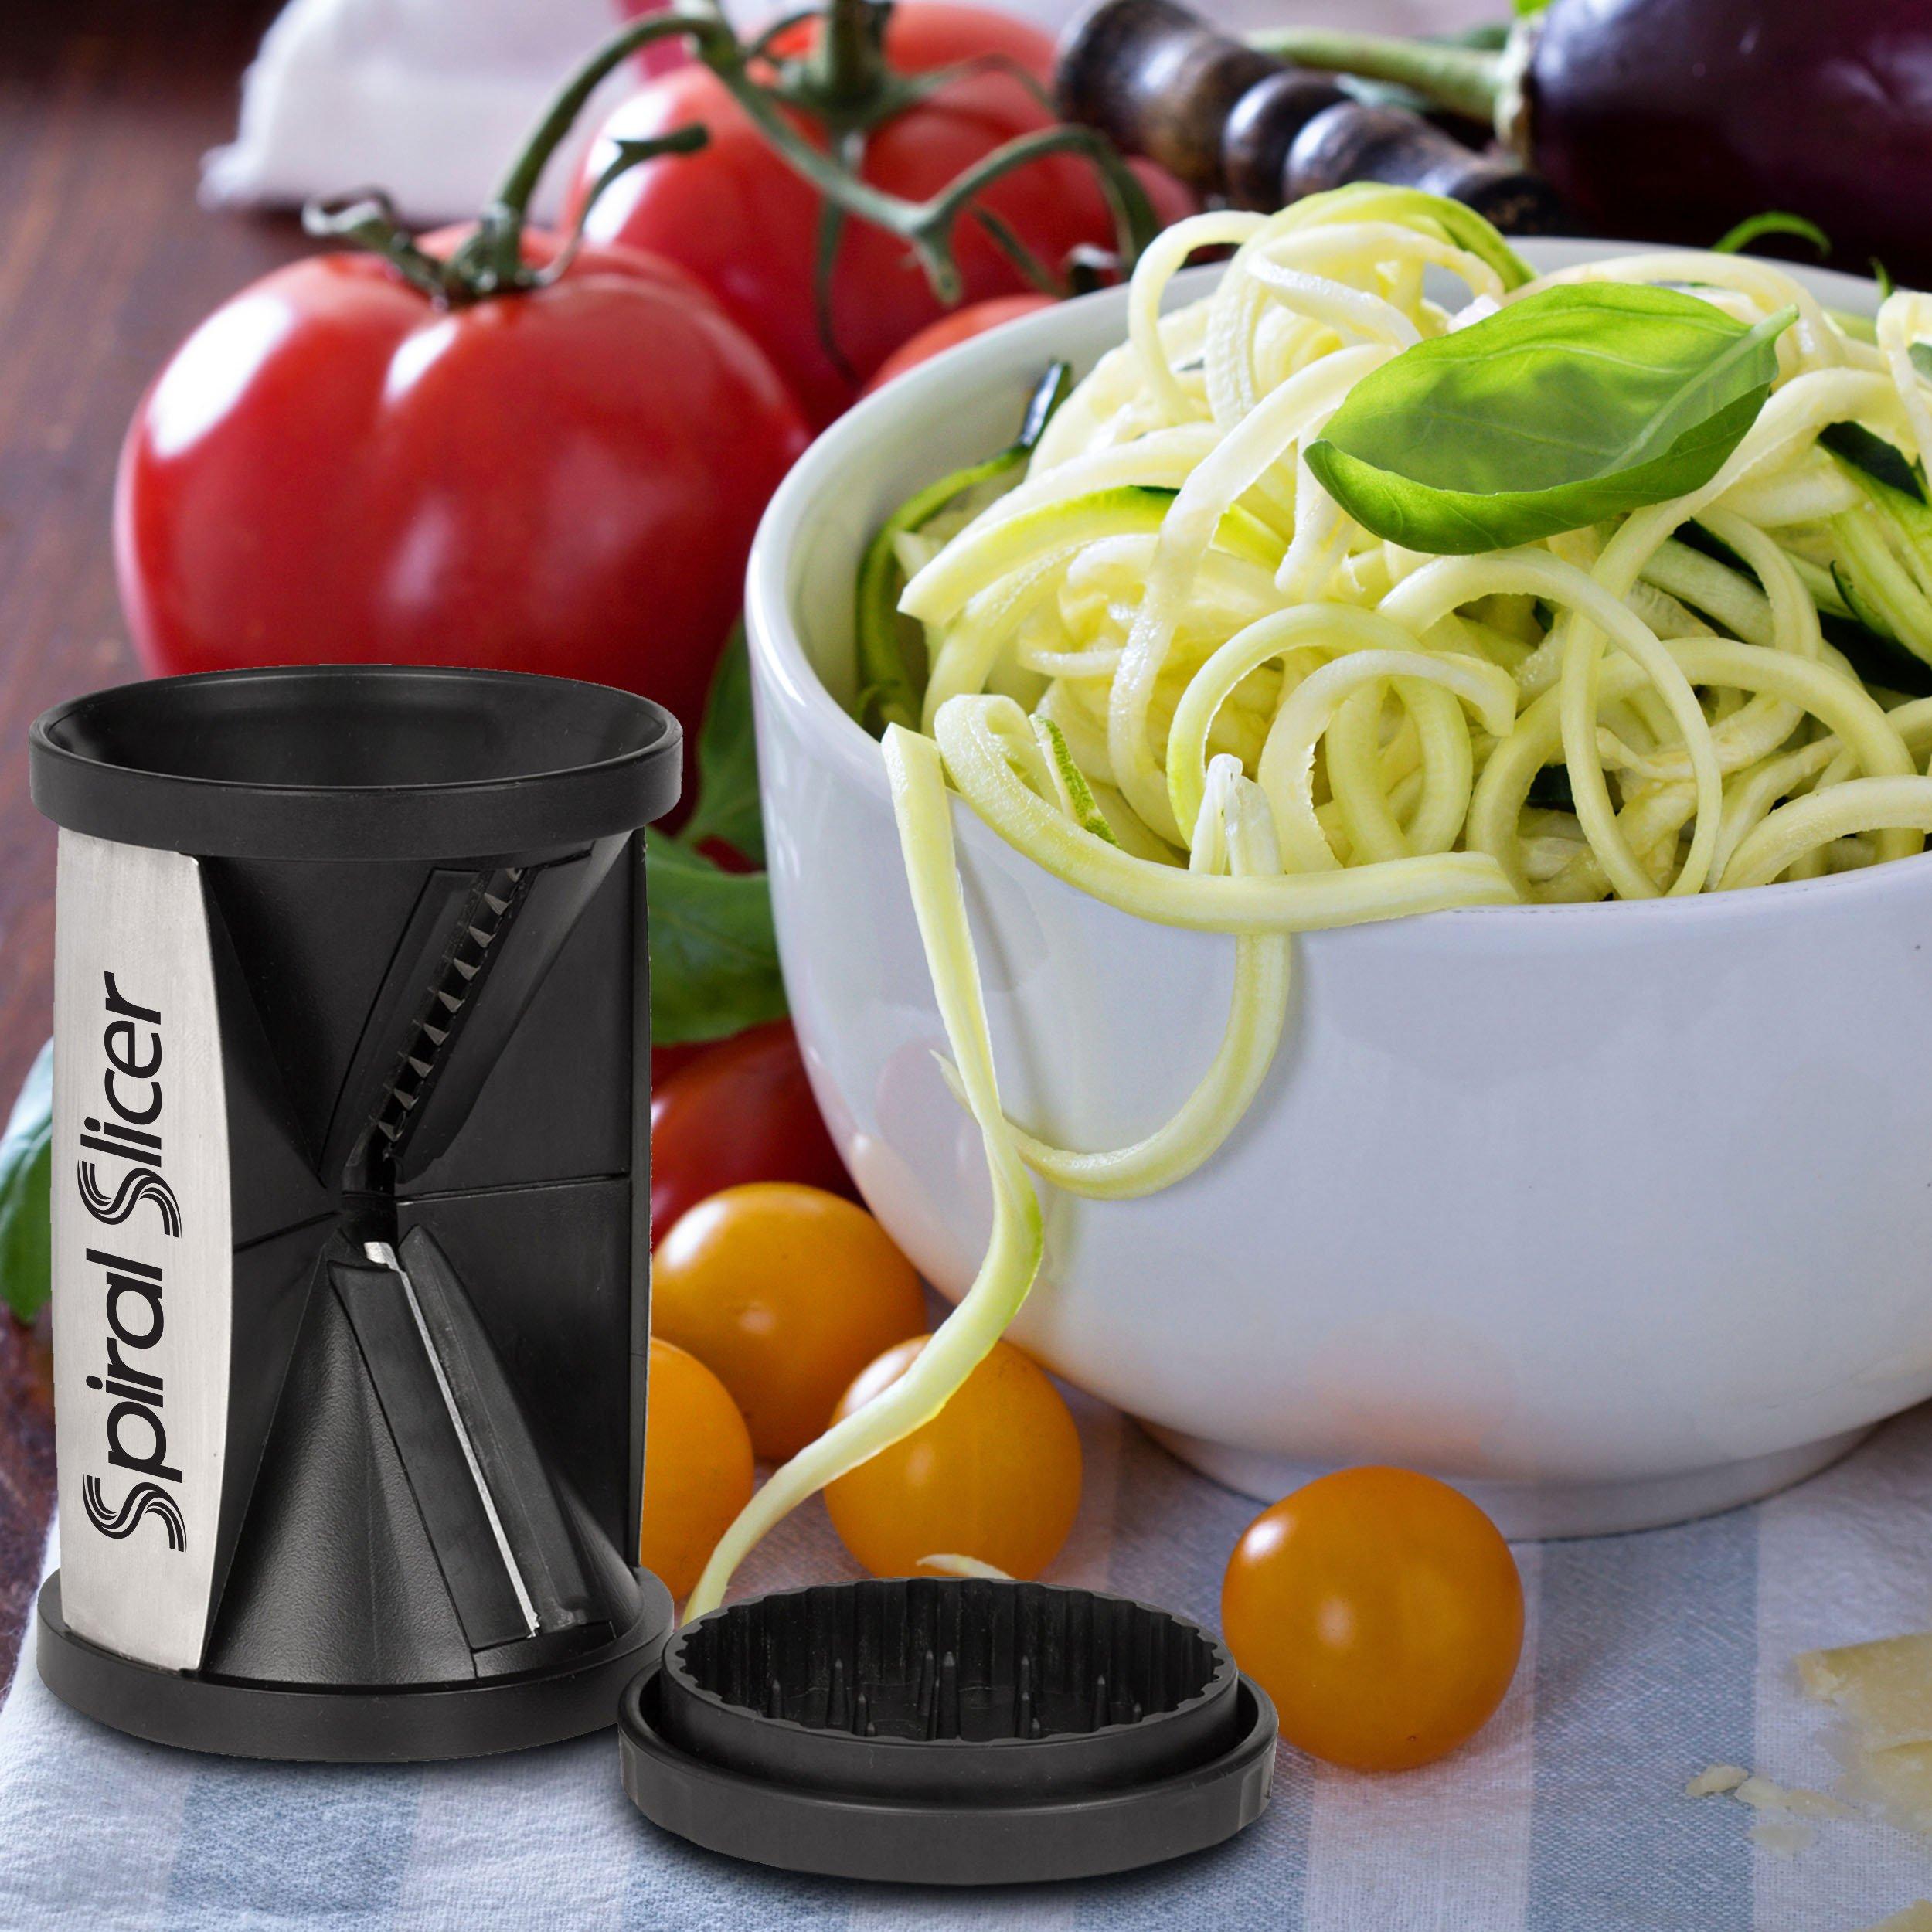 Spiral Slicer Vegetable Zoodle Spiralizer - Veggie Noodle Maker Pasta Cutter - With Kitchen Peeler Bundle